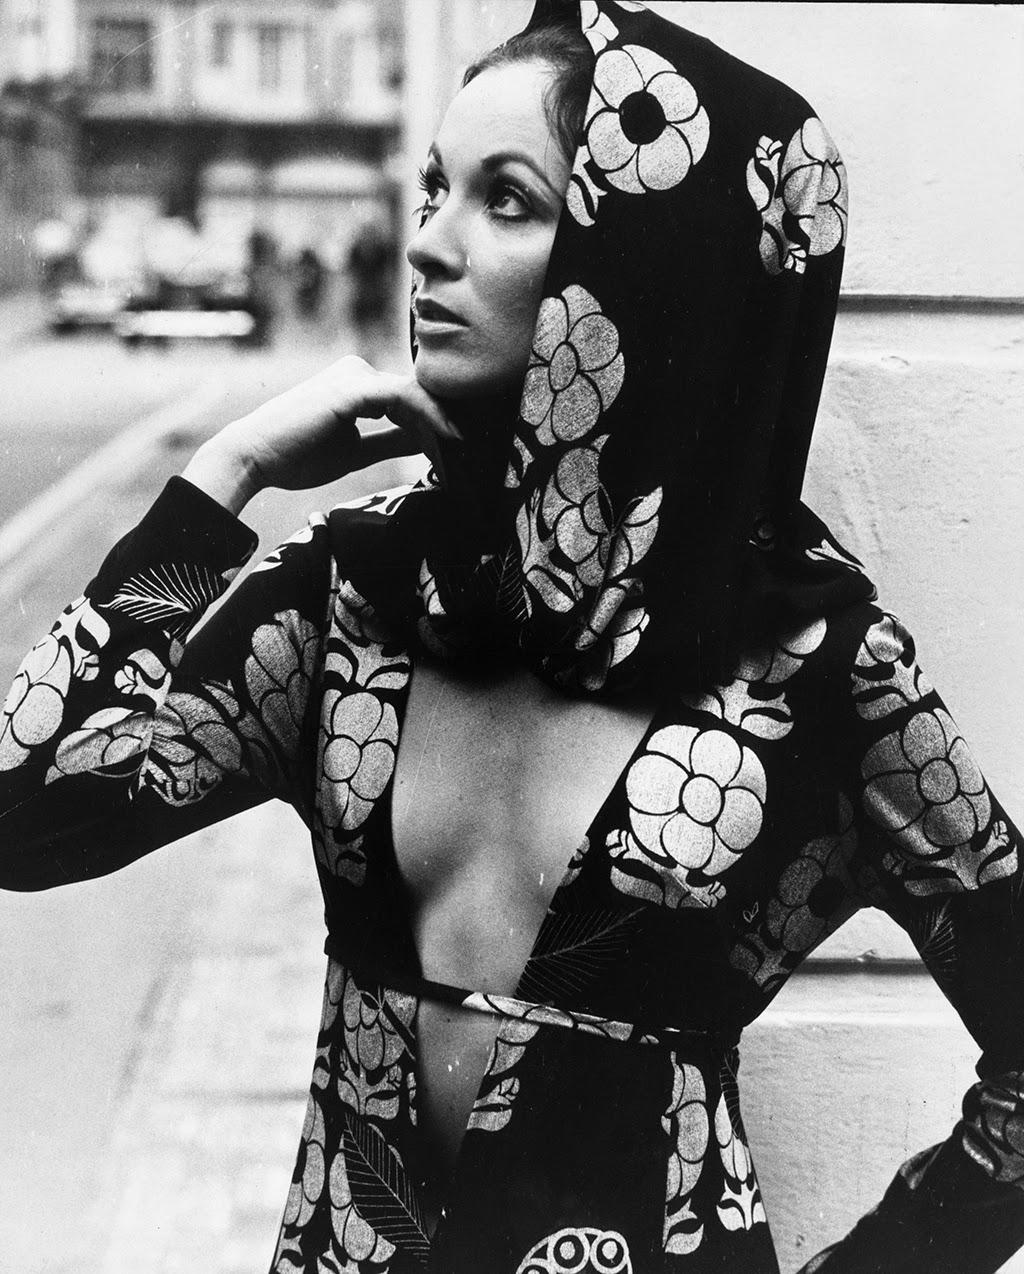 Мода 70-х. 20 фотографий, демонстрирующих красоту и стиль 1